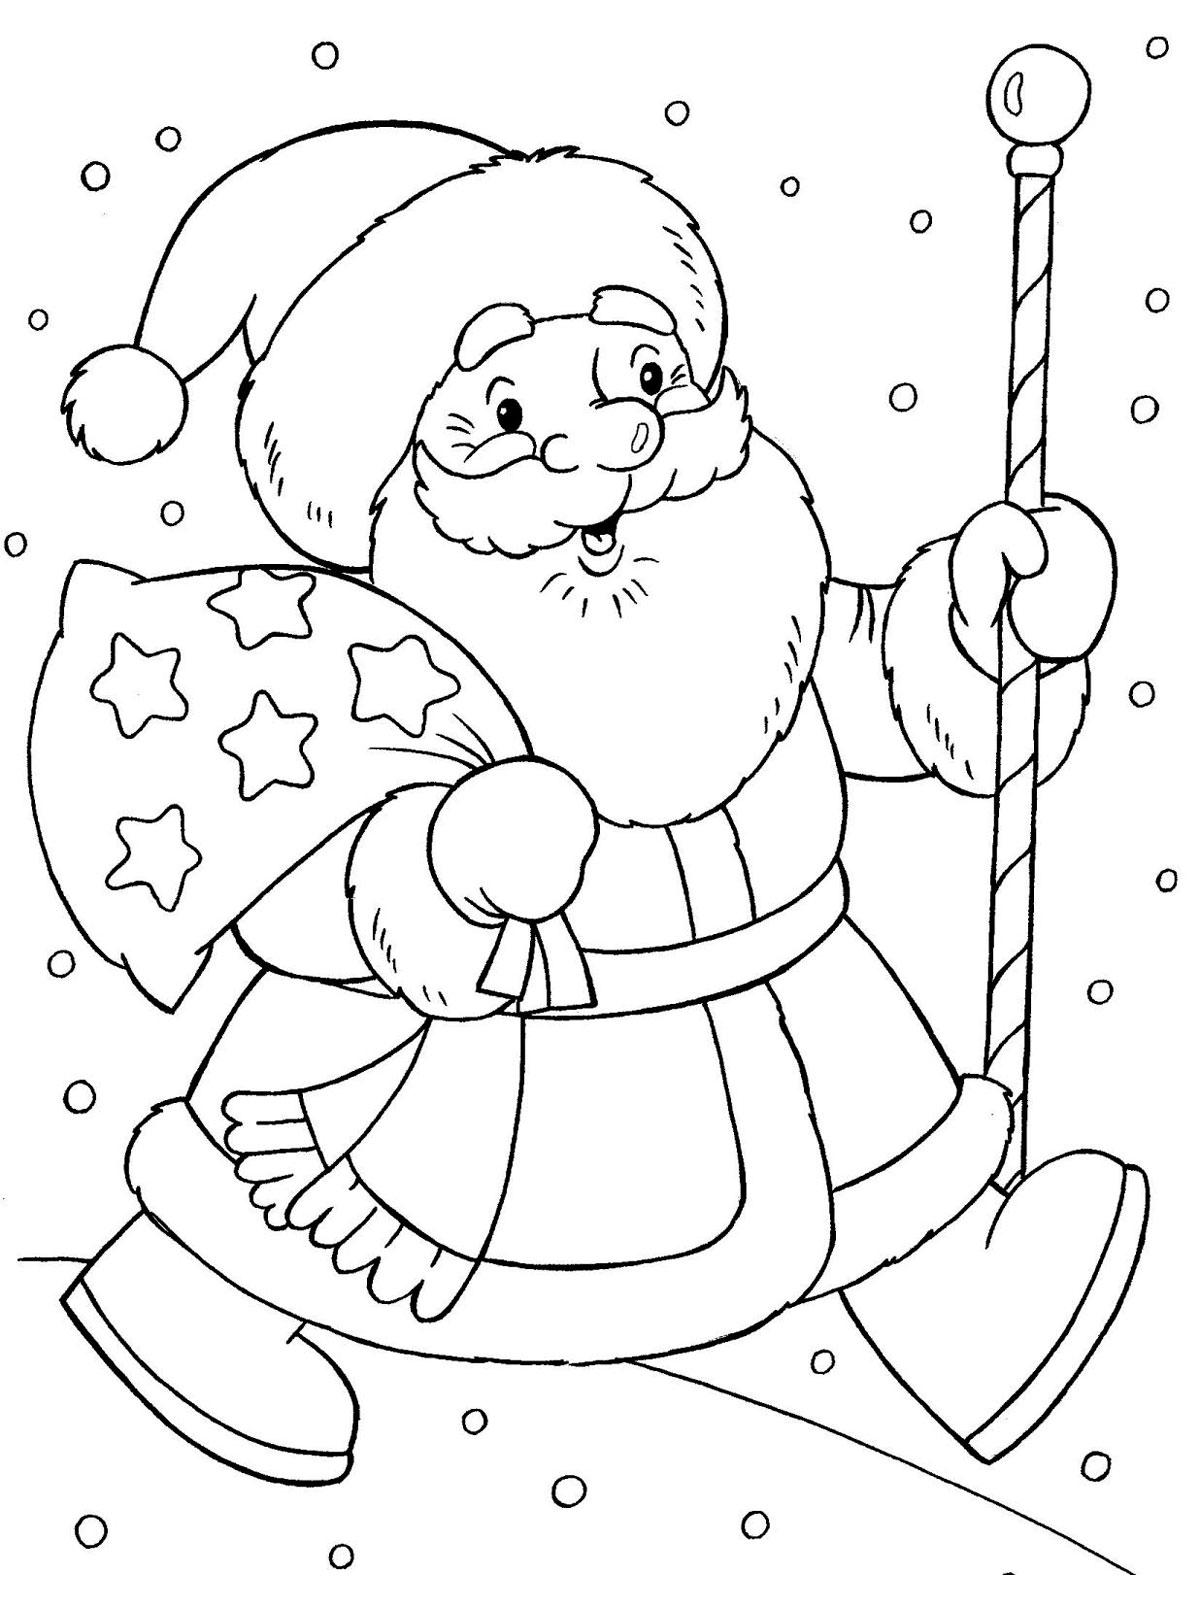 Раскраска снегурочка и дед мороз распечатать бесплатно